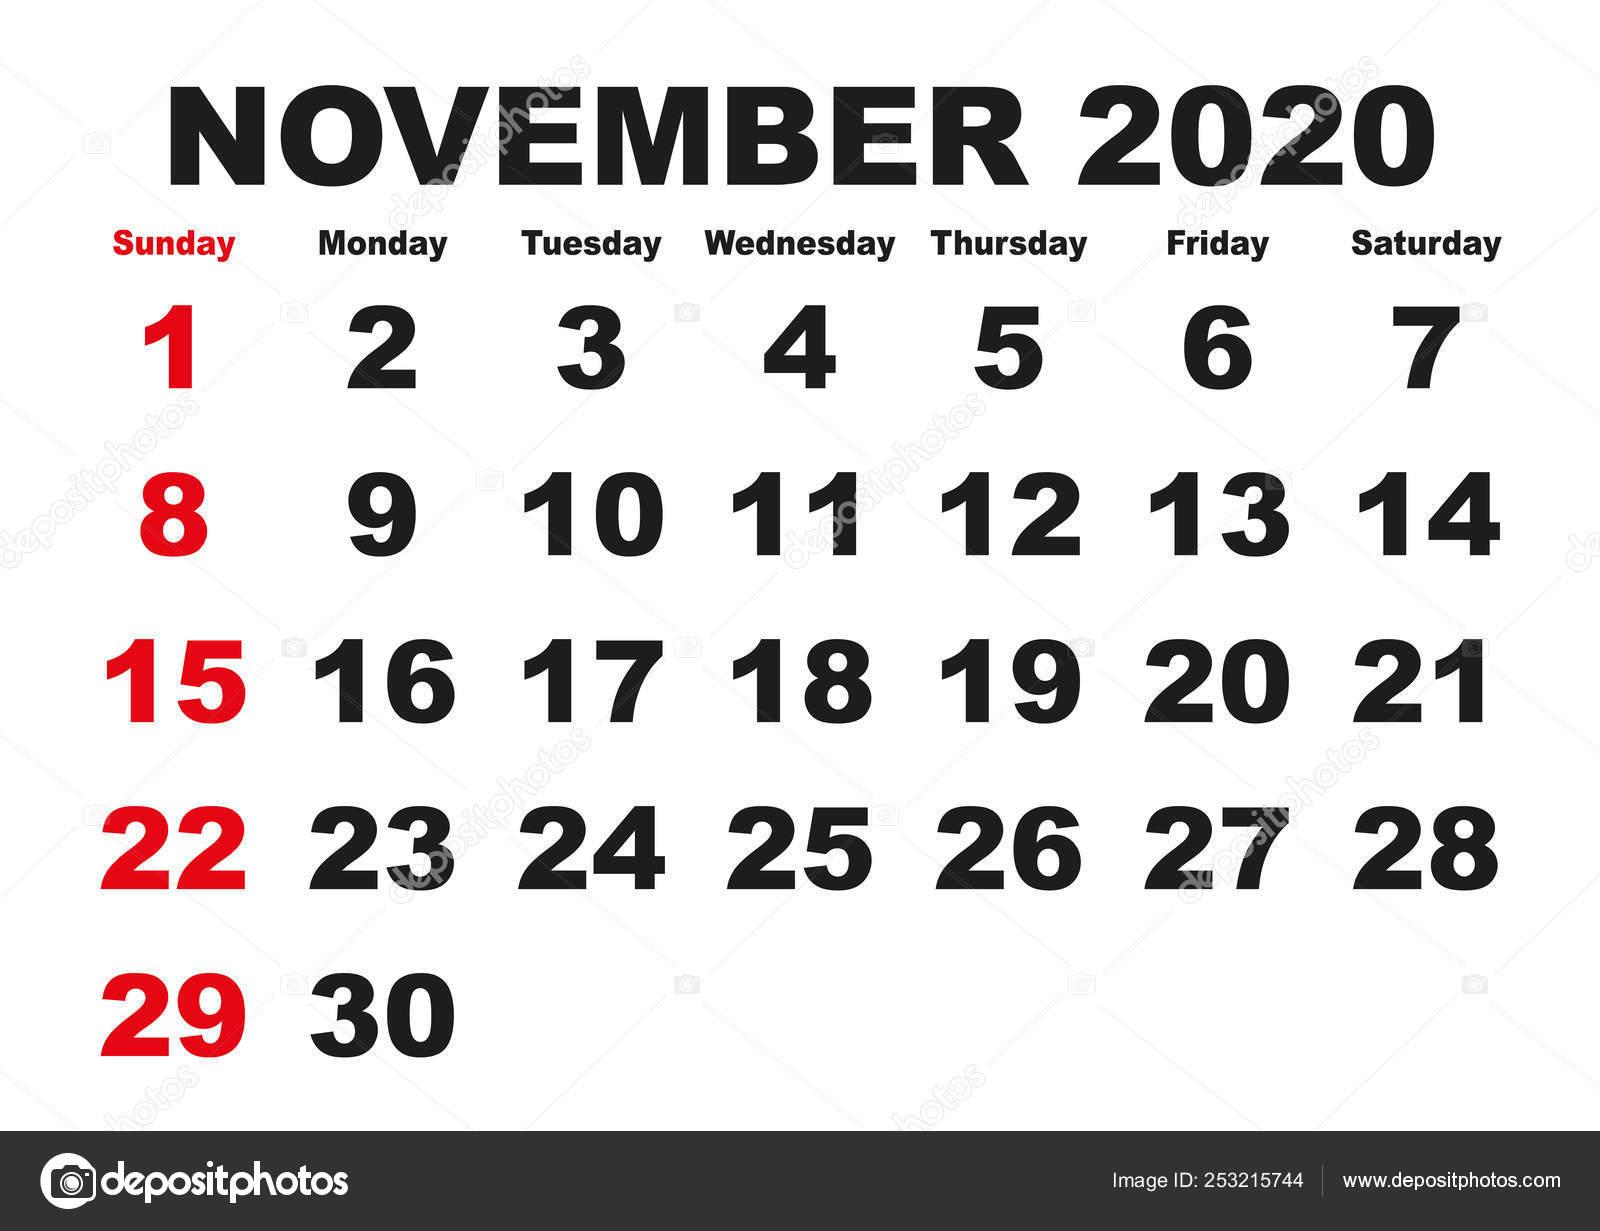 Novembre 2020 Calendario.Calendario Mensile Novembre 2020 Inglese Usa Vettoriali